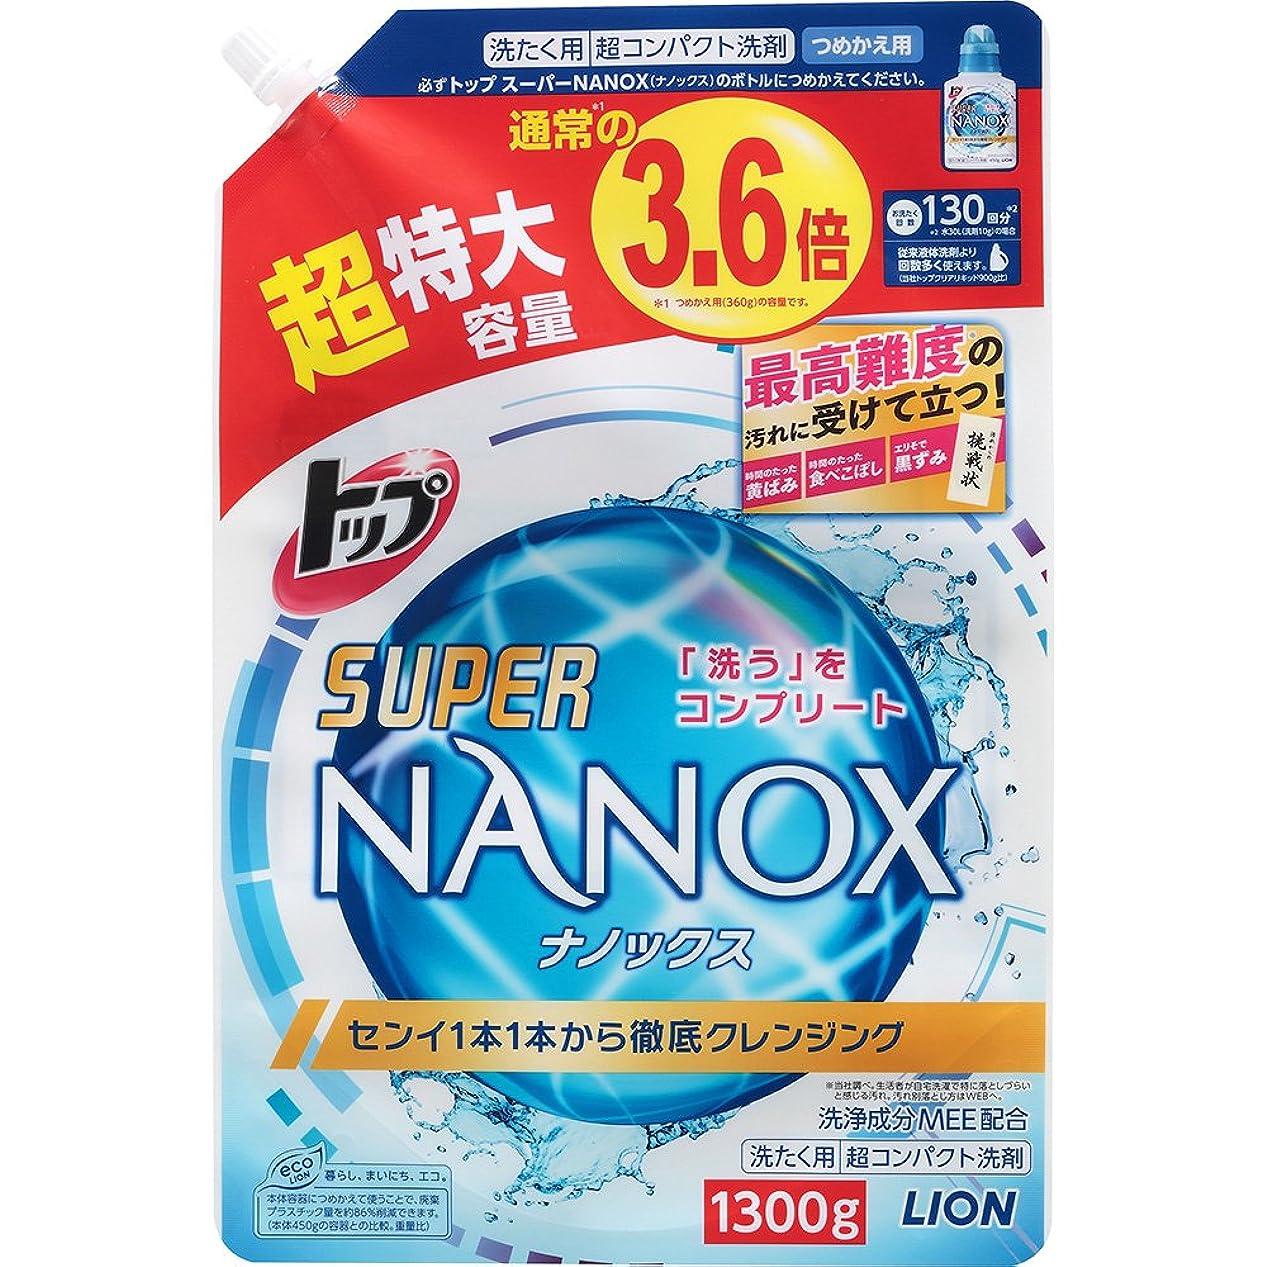 平和解放する咳【大容量】トップ スーパーナノックス 洗濯洗剤 液体 詰め替え 超特大1300g